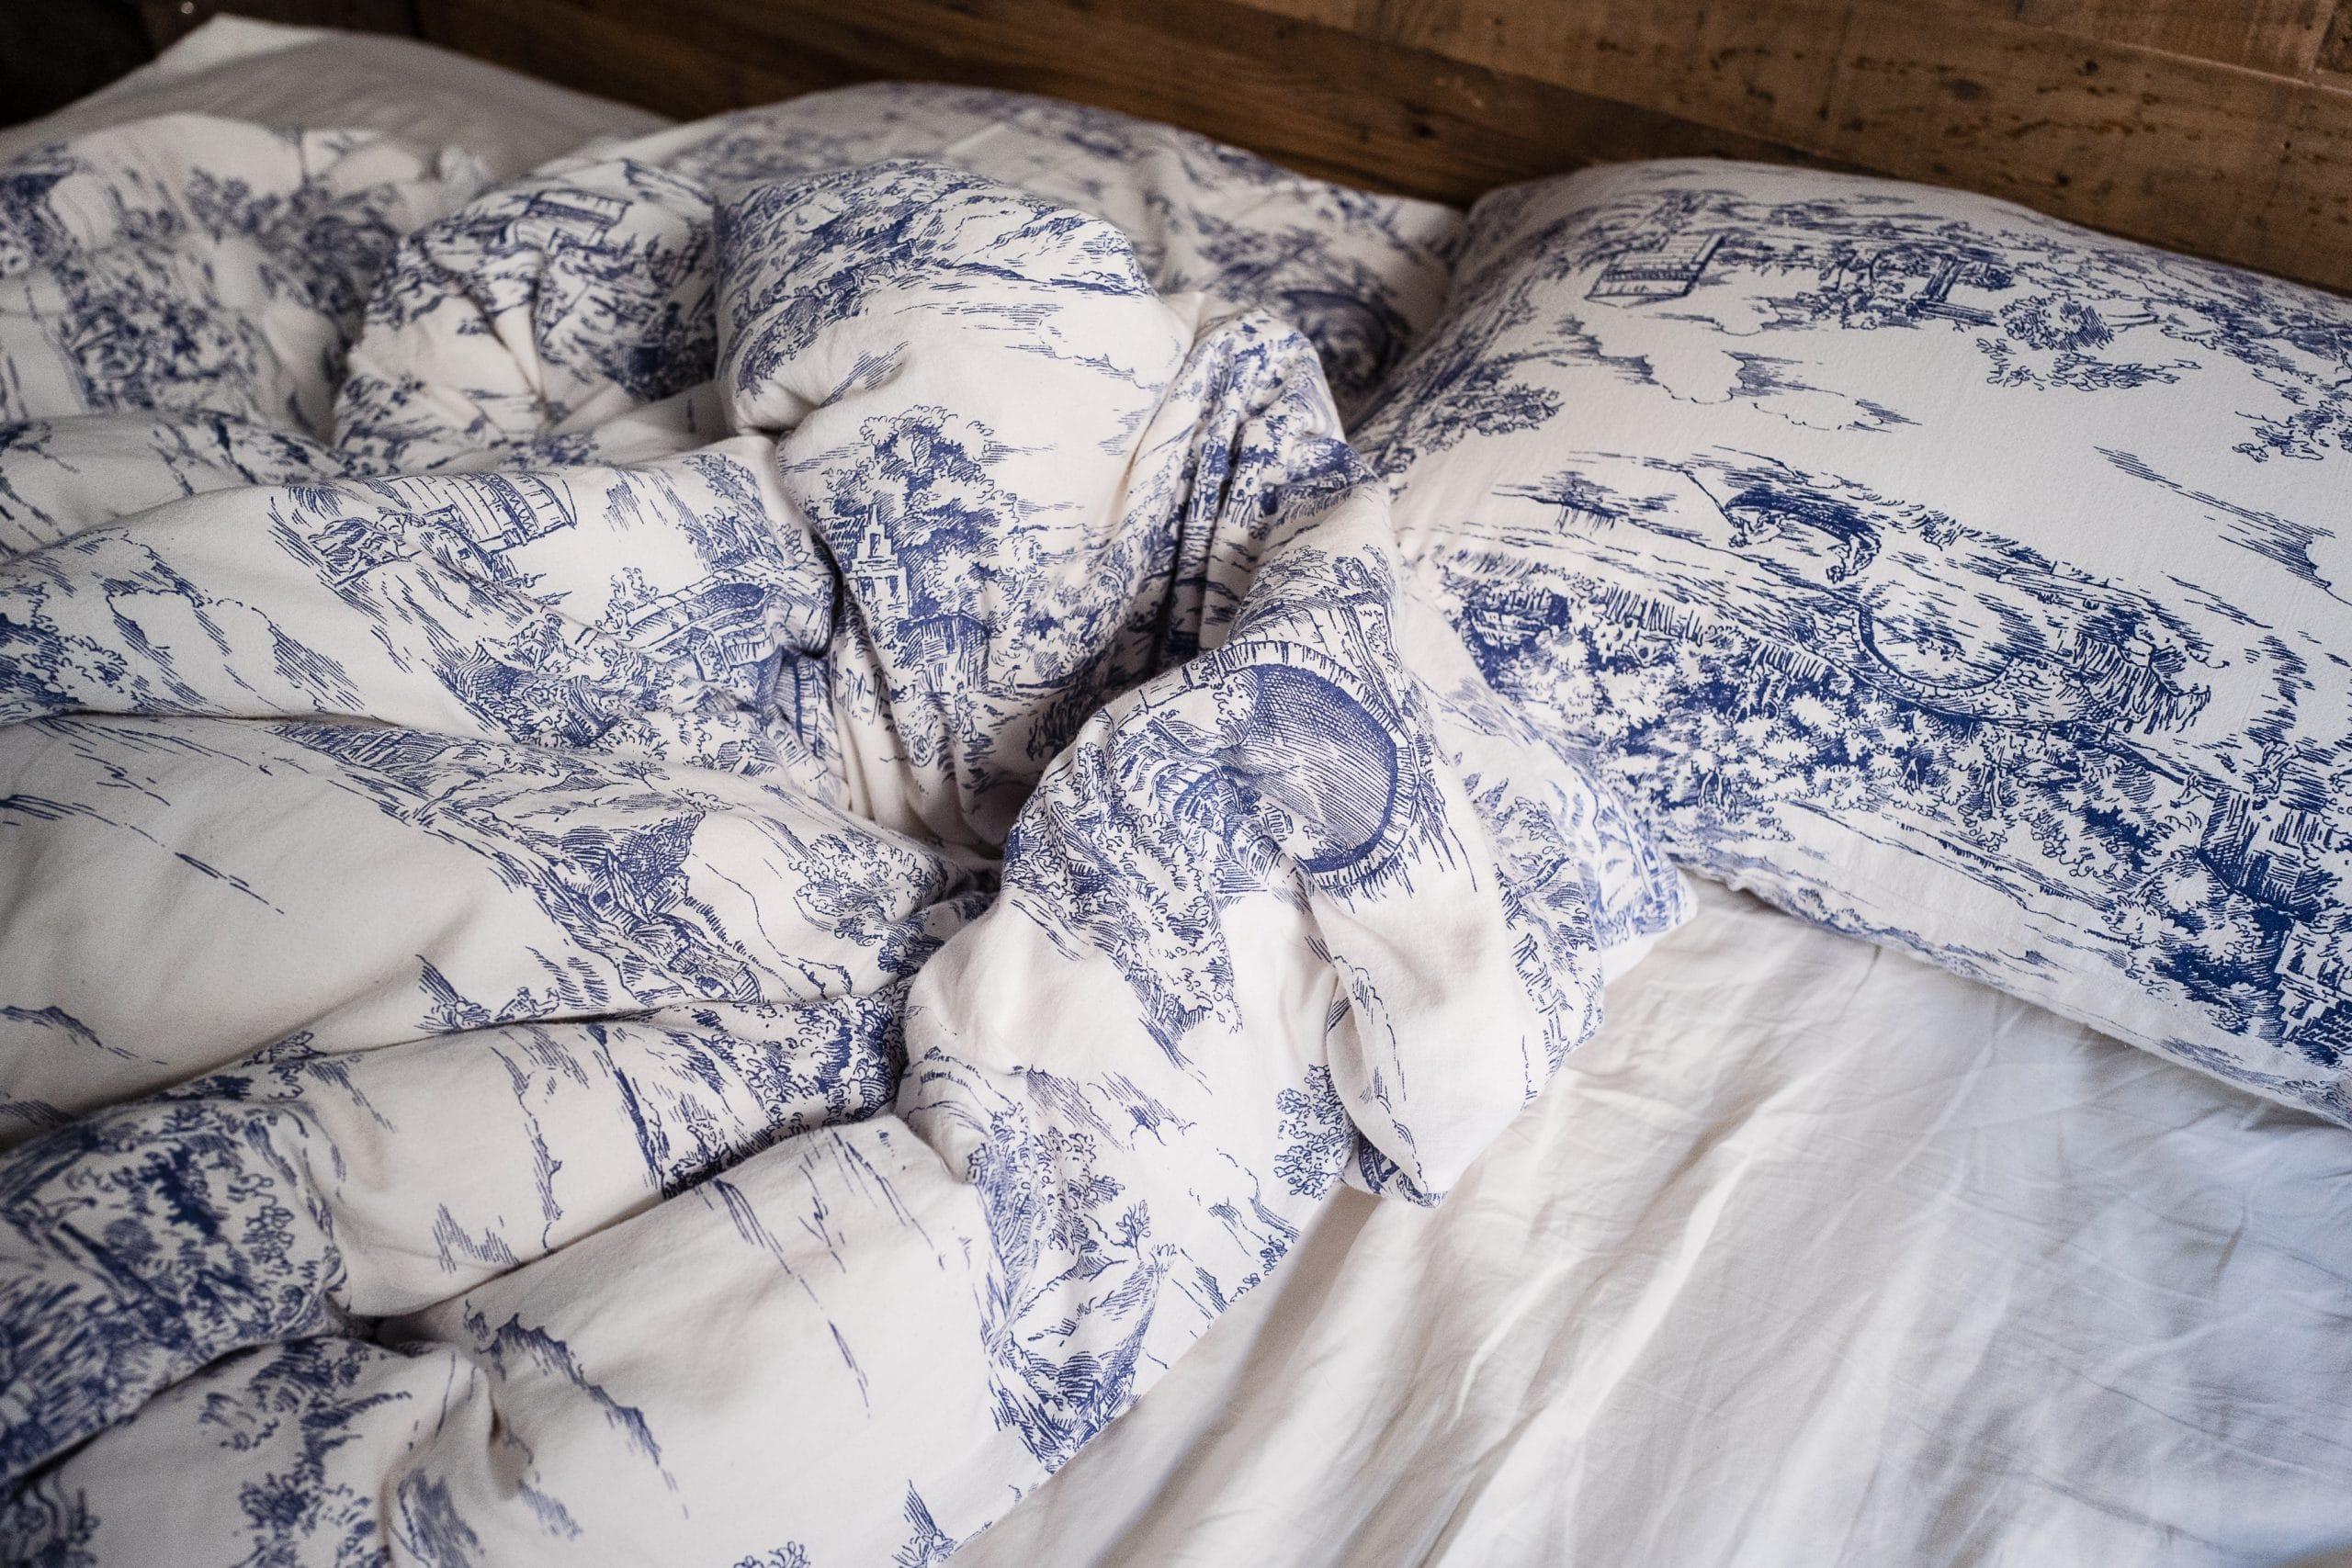 washing comforters